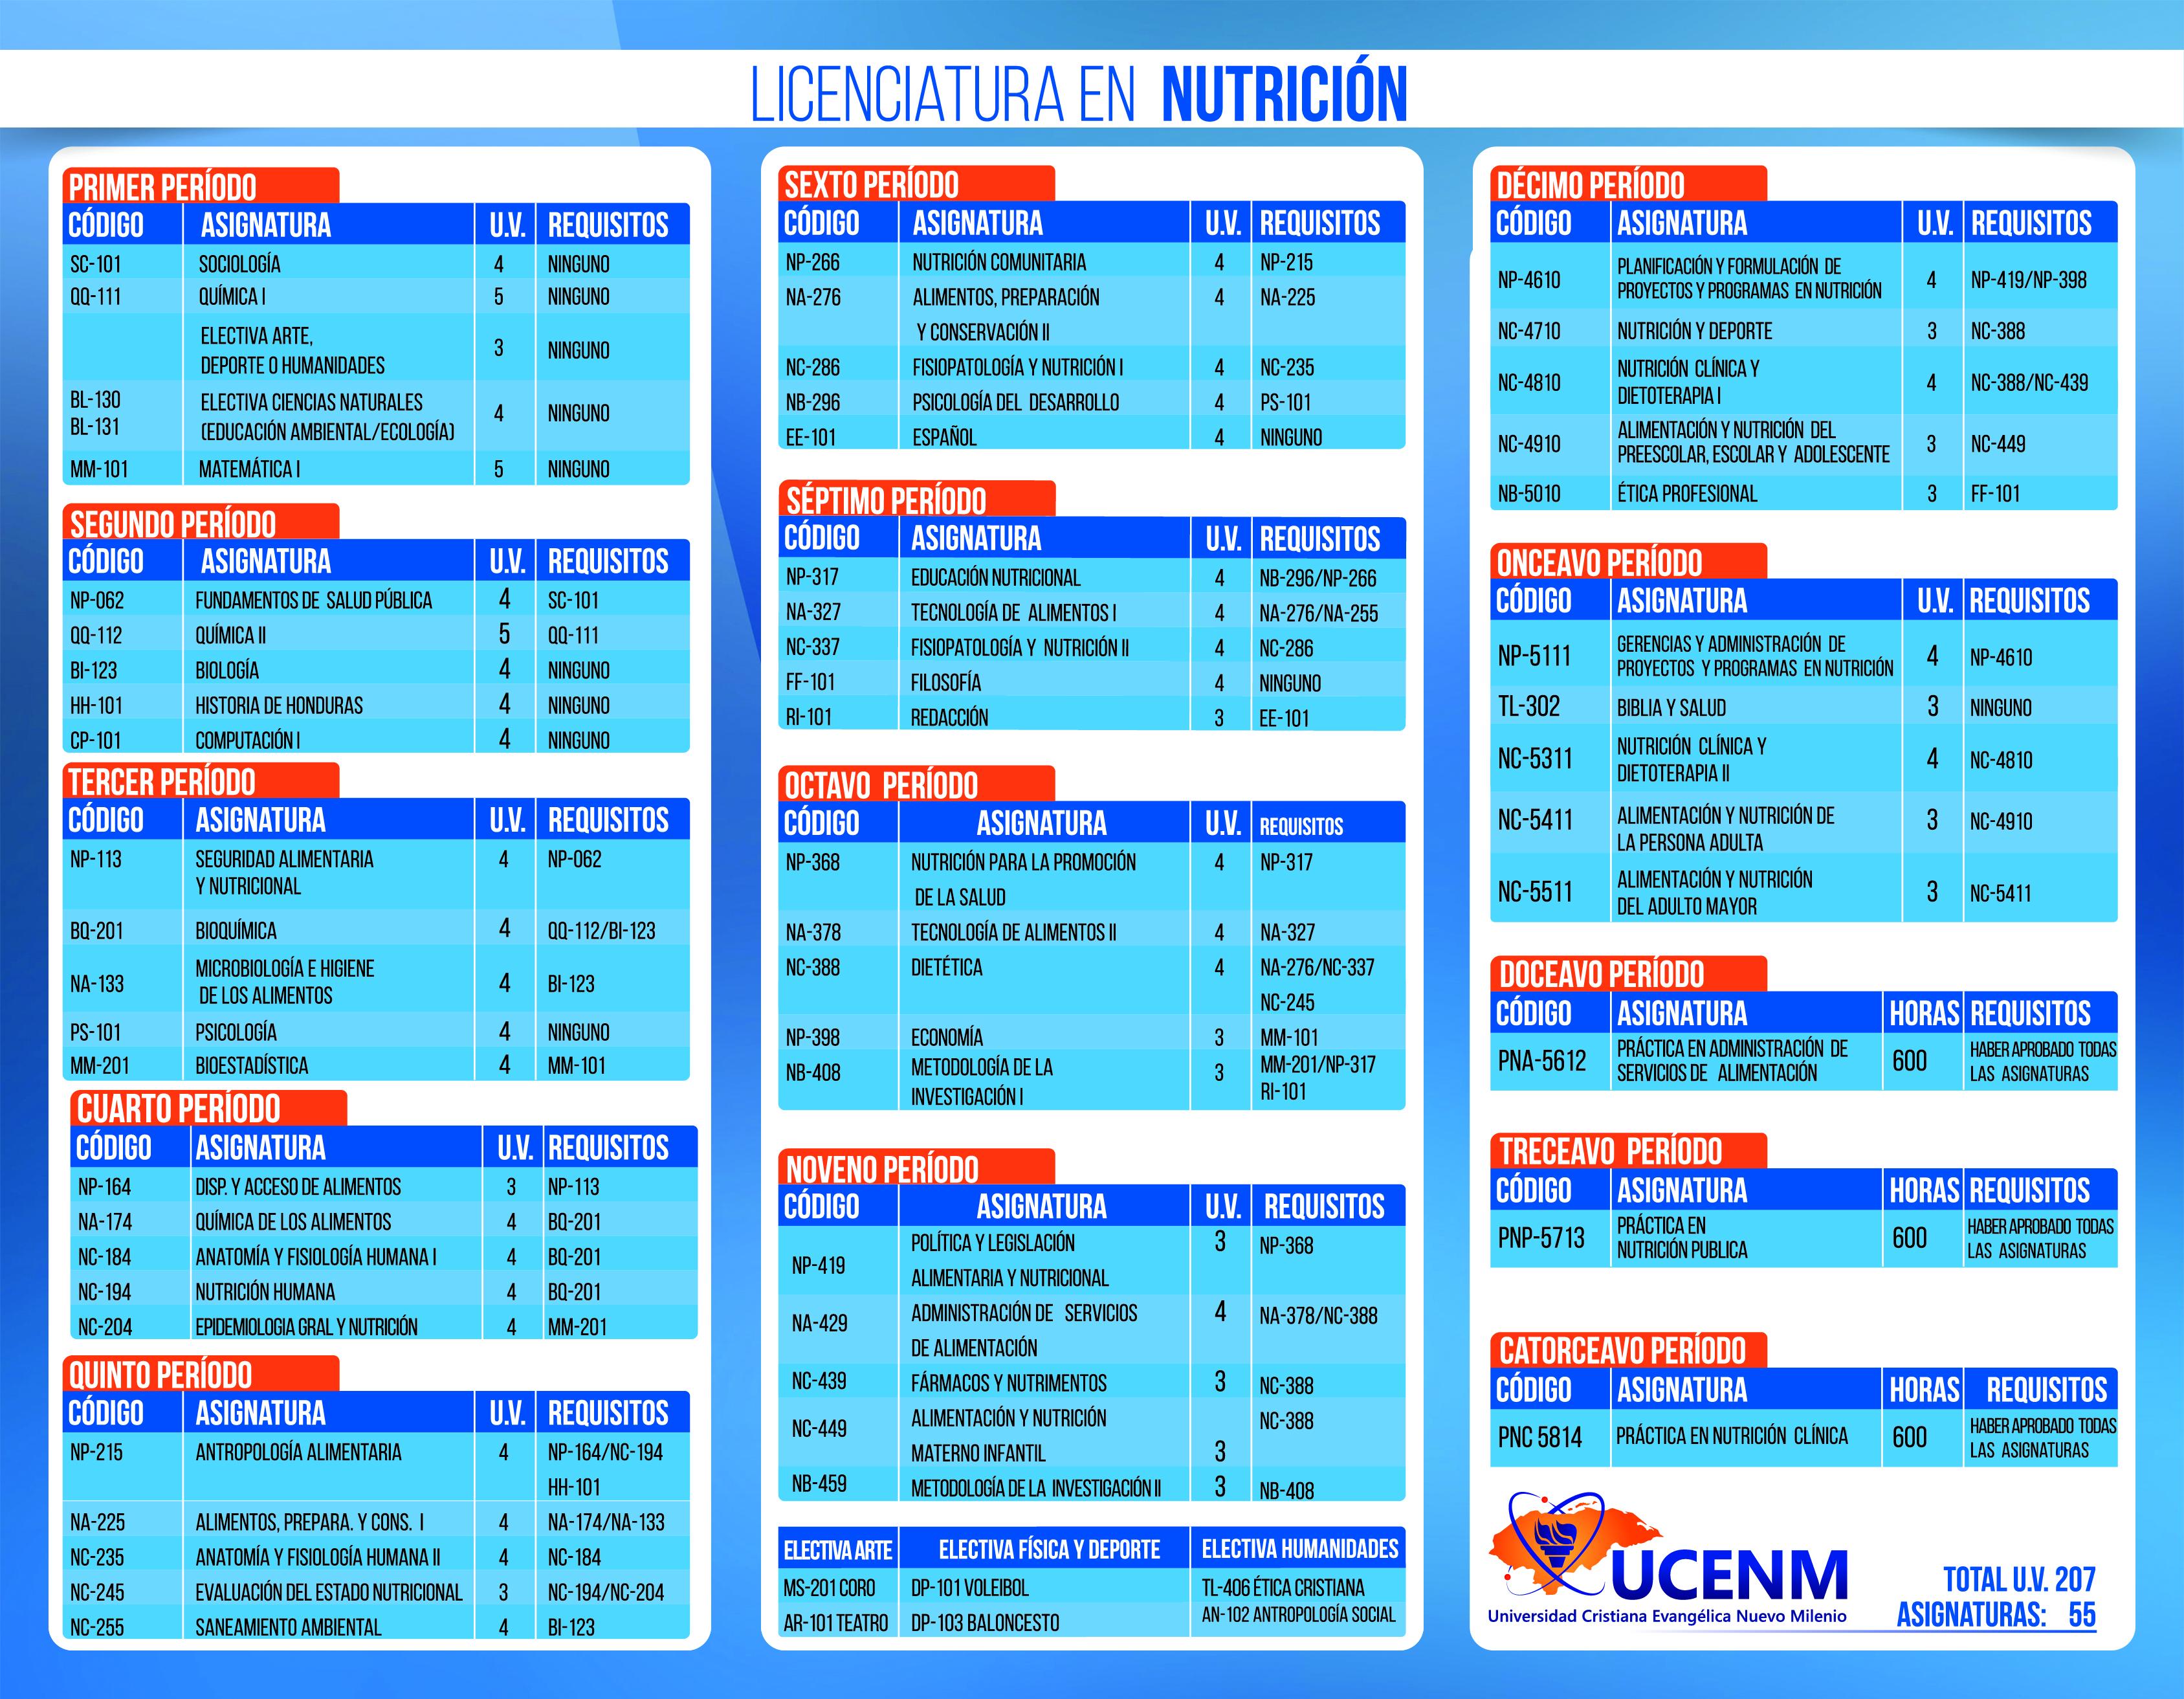 Licenciatura-en-Nutrici%C3%B3n-01.jpg